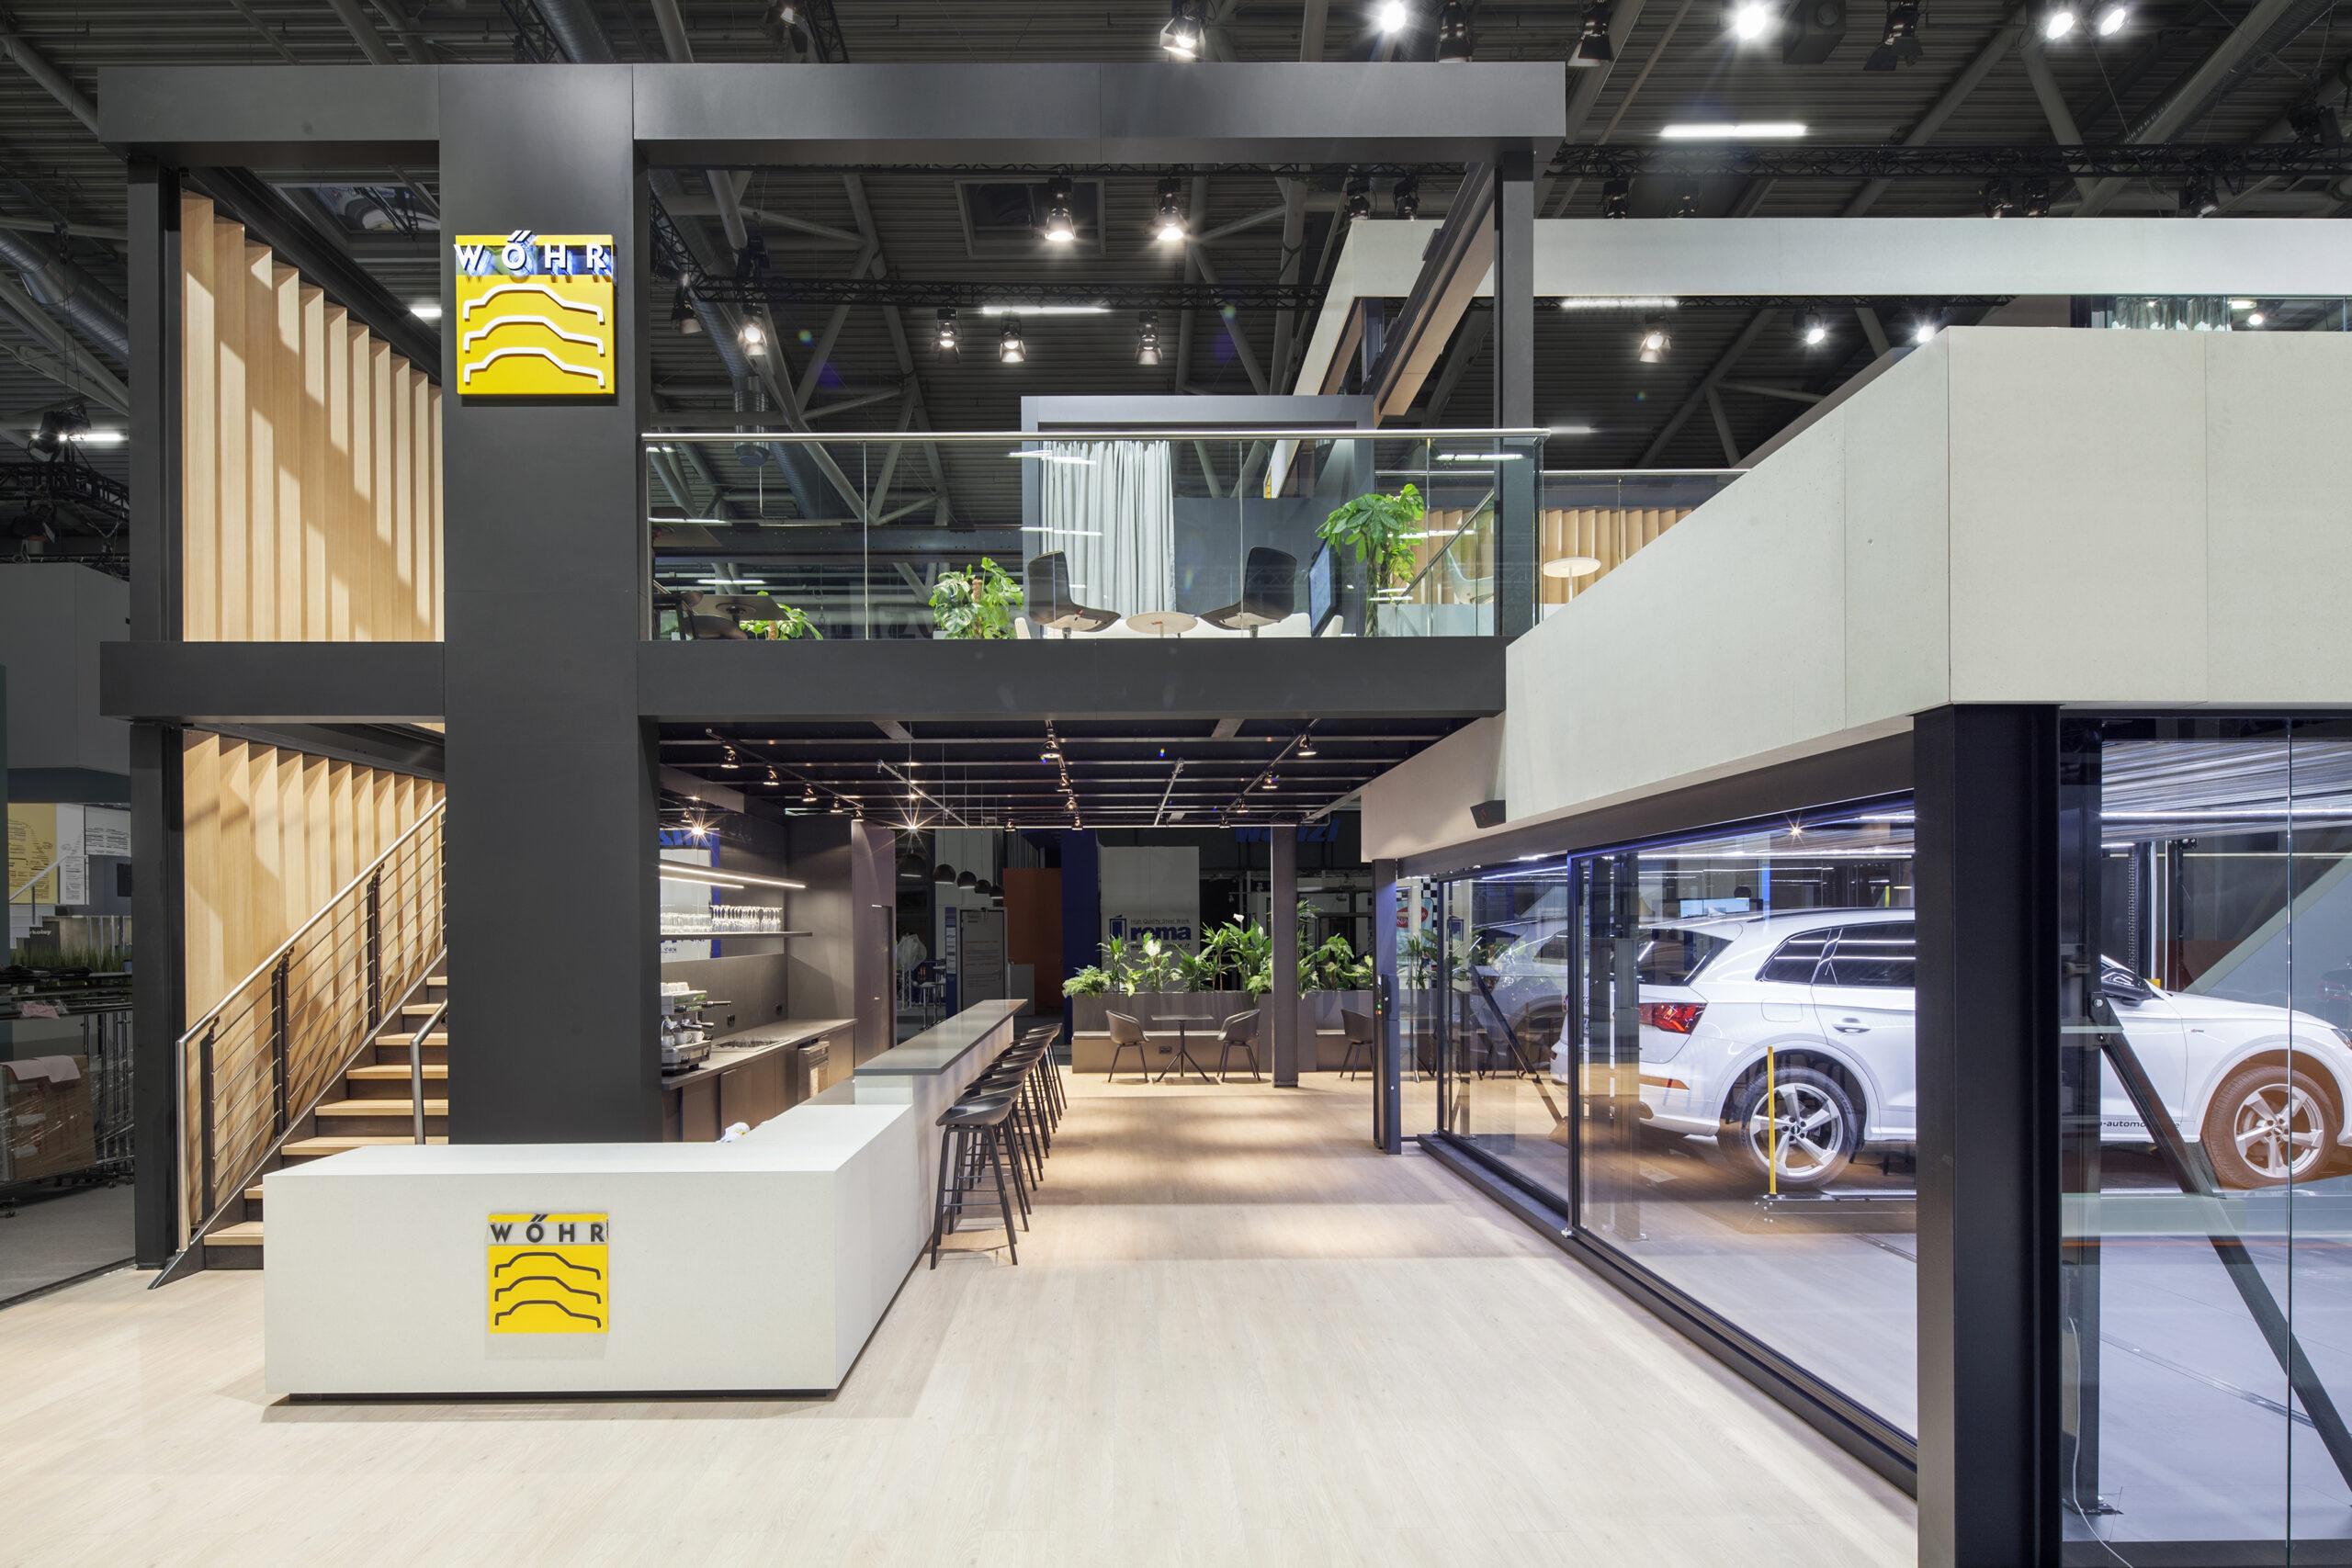 Wöhr Autoparksysteme Bau 2019 by Heller Designstudio